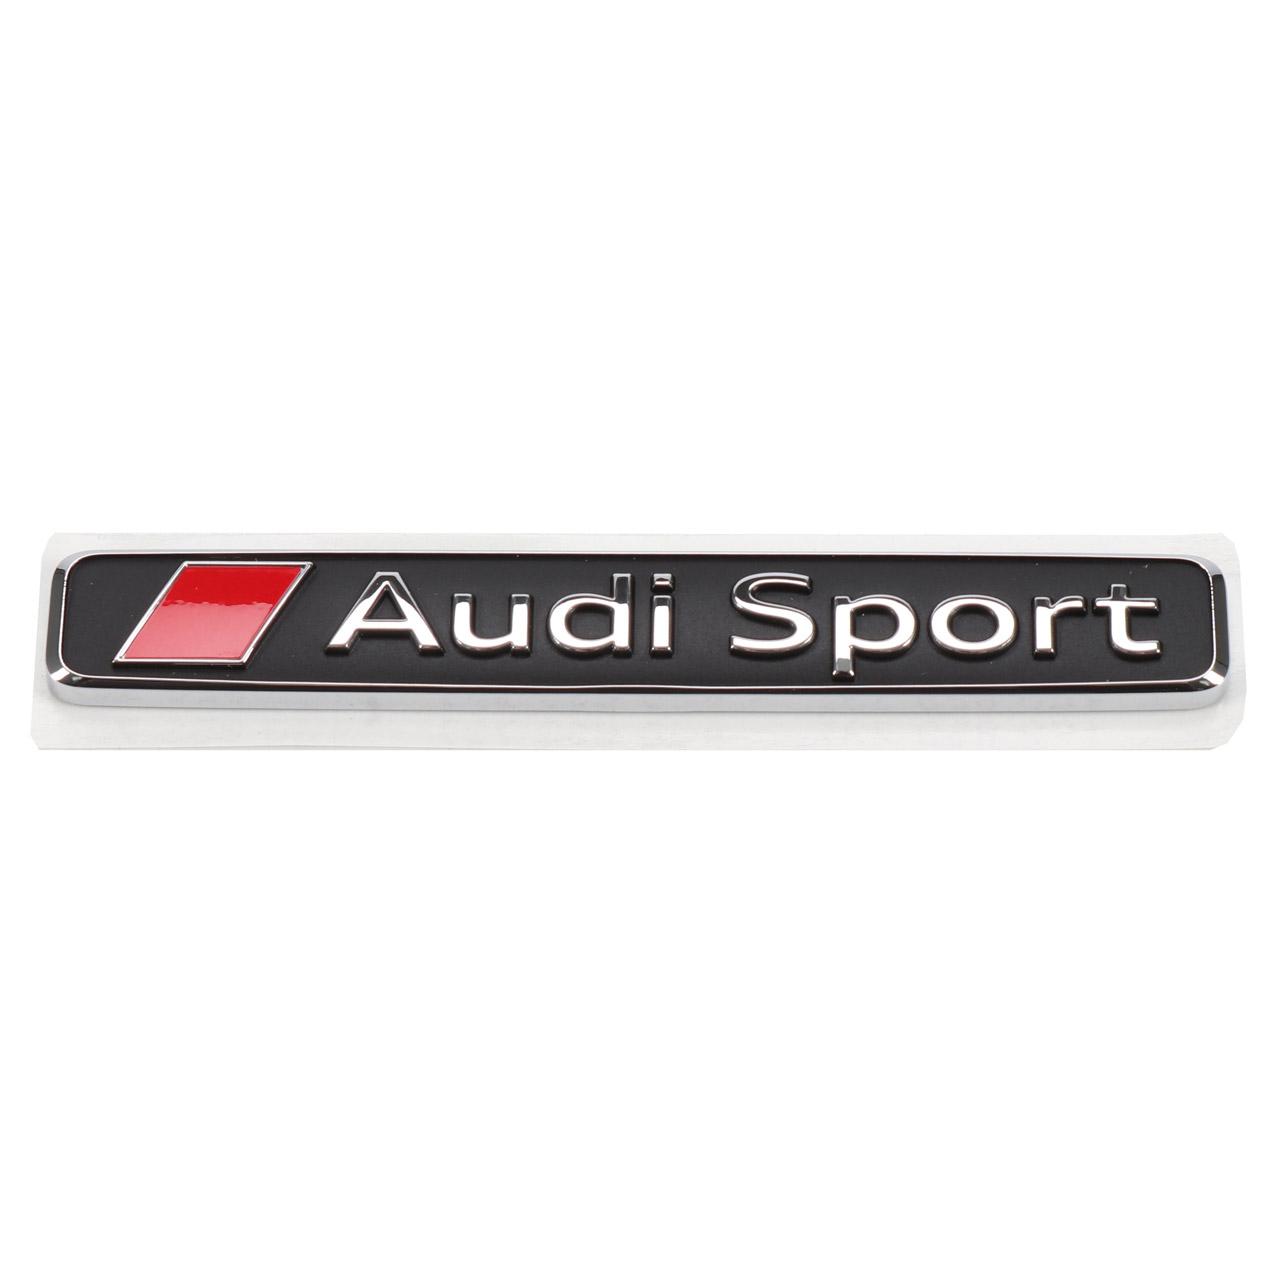 ORIGINAL Audi Emblem Schriftzug Audi Sport Kühlergrill R8 R8 Spyder 4S0853737D 2ZZ